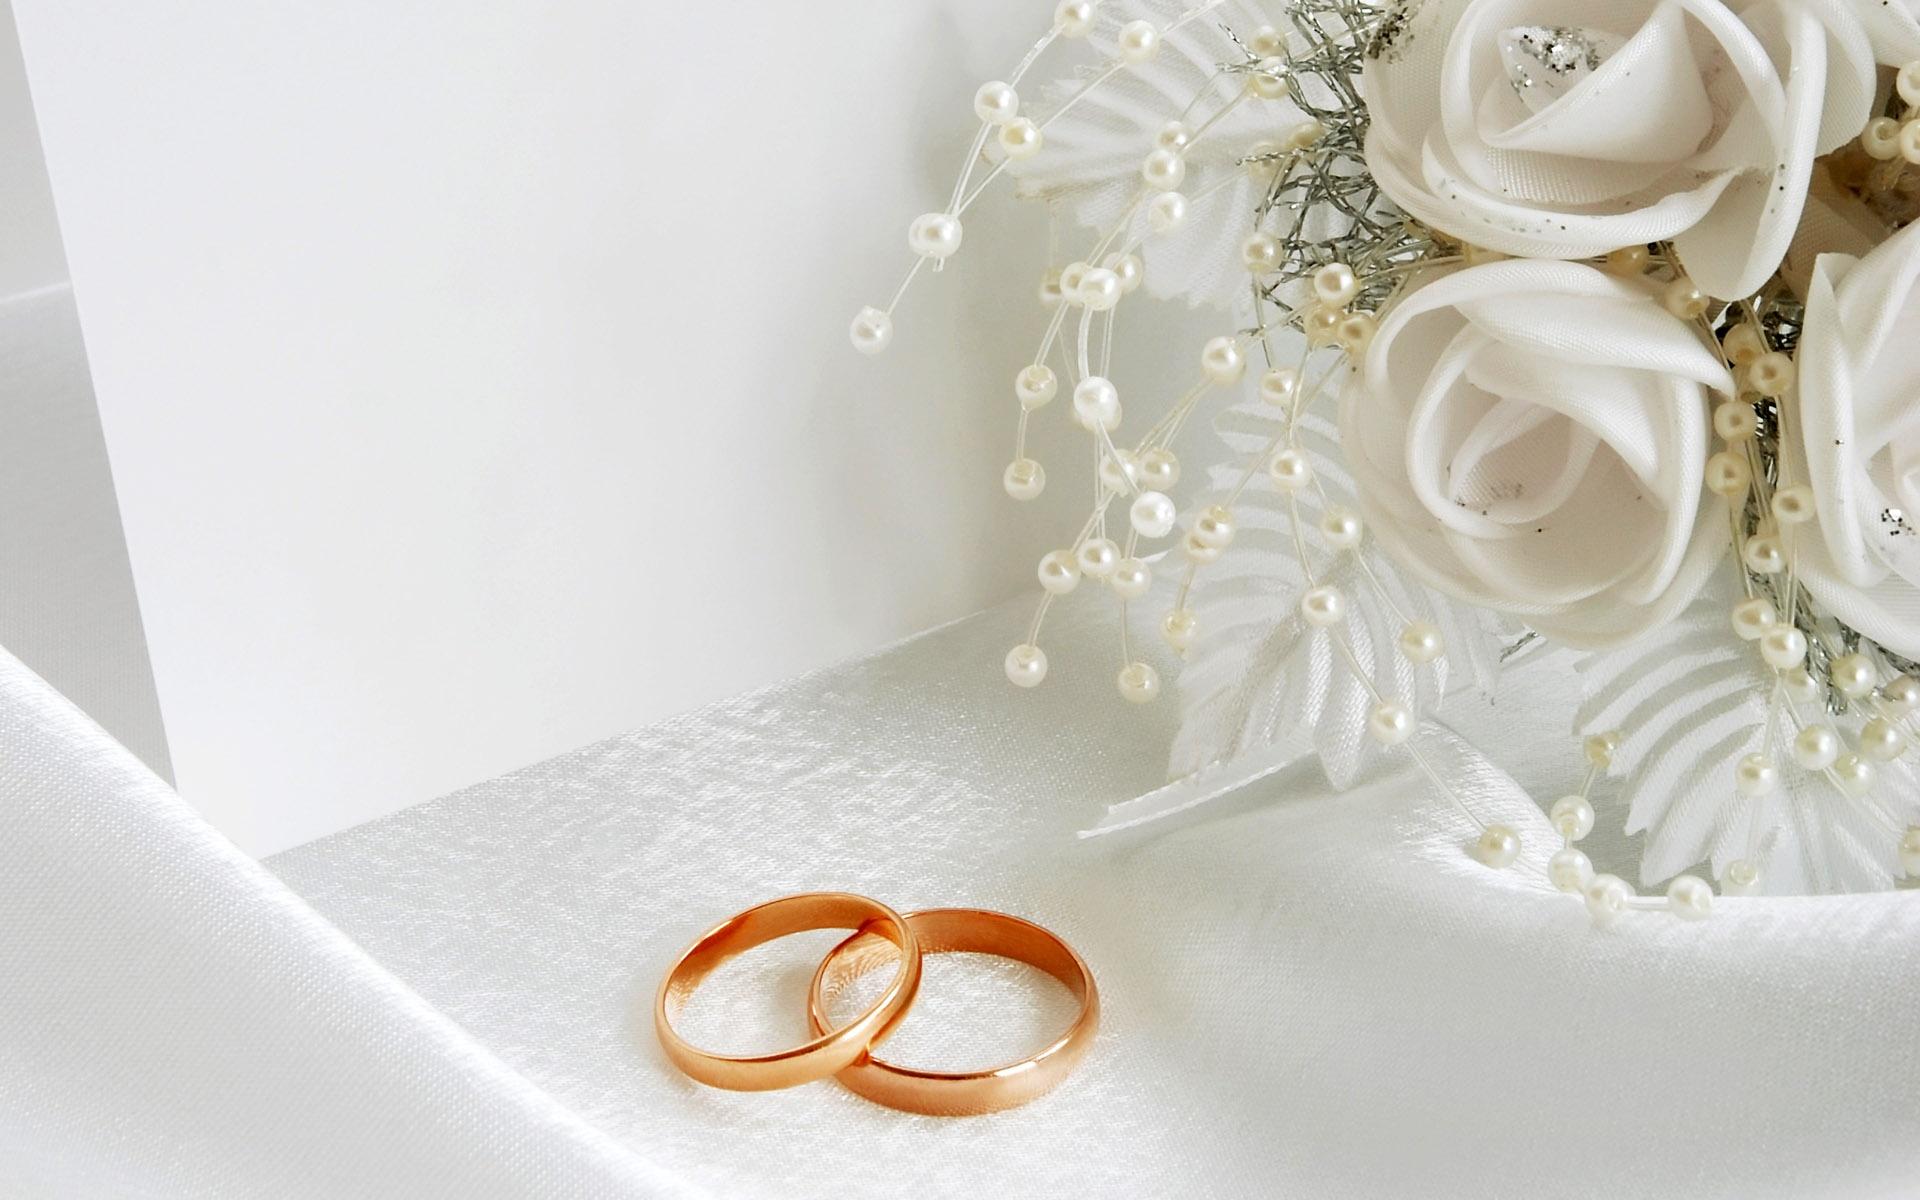 Ситцевая свадьба поздравления жене от мужа